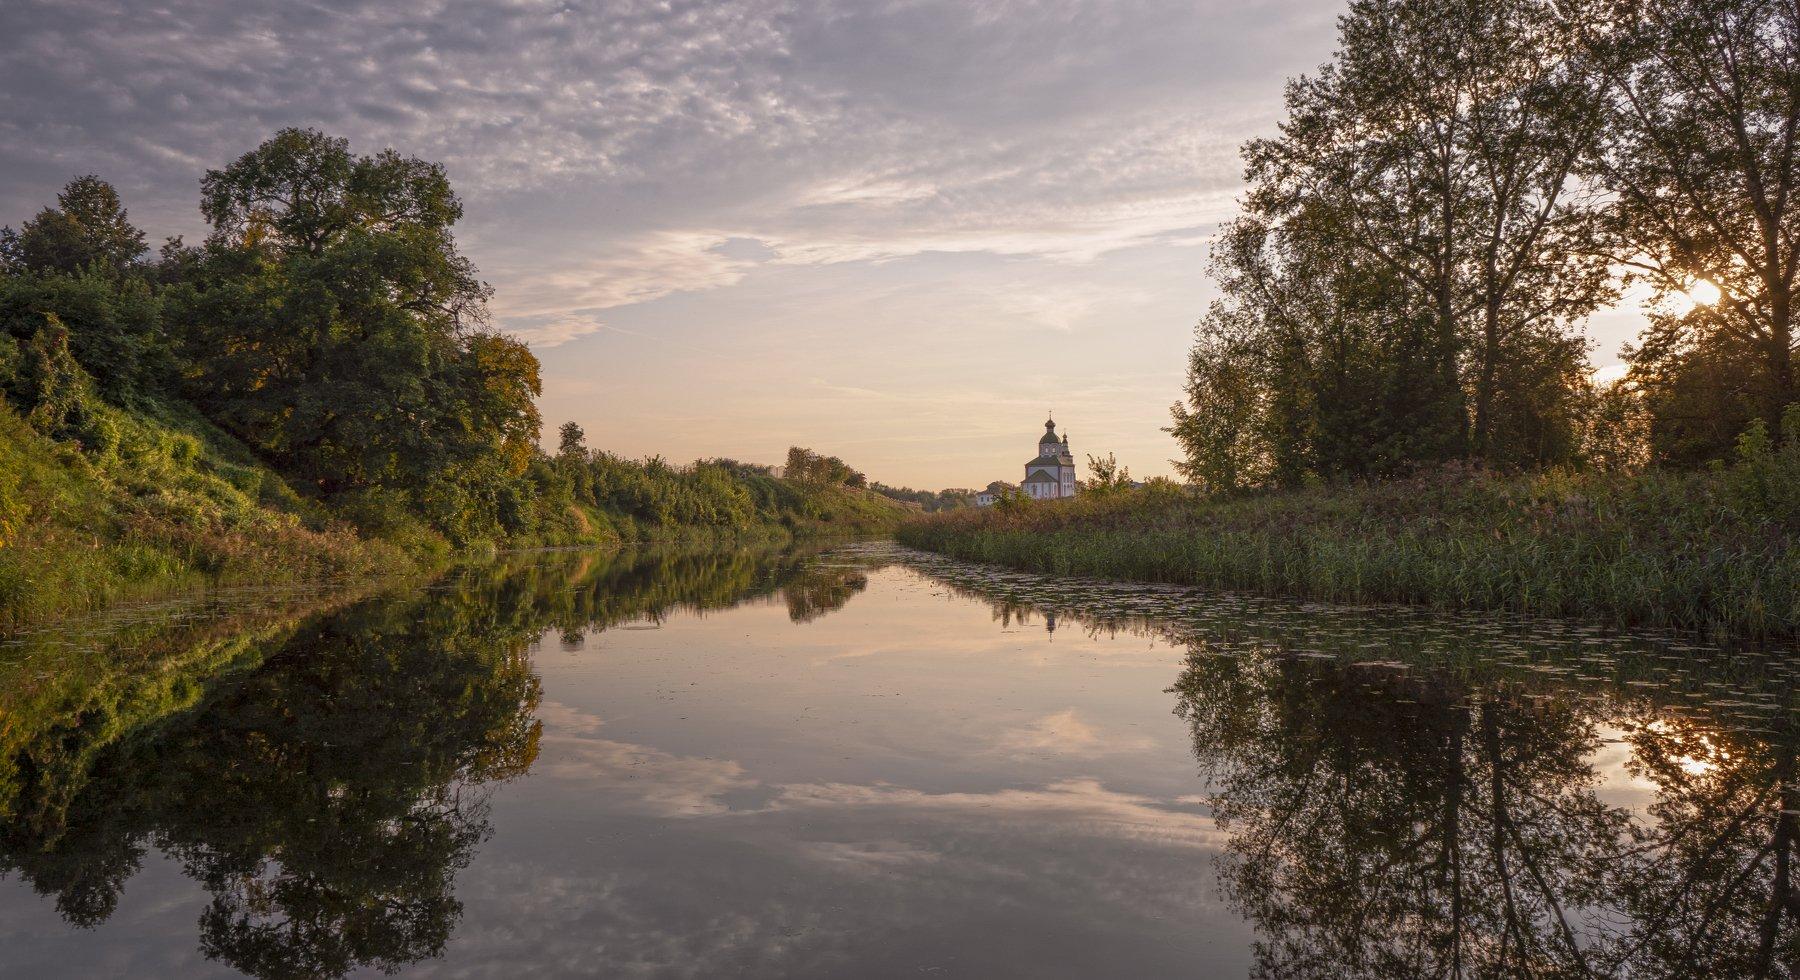 суздаль, река каменка, август, вечер, Колесов Андрей